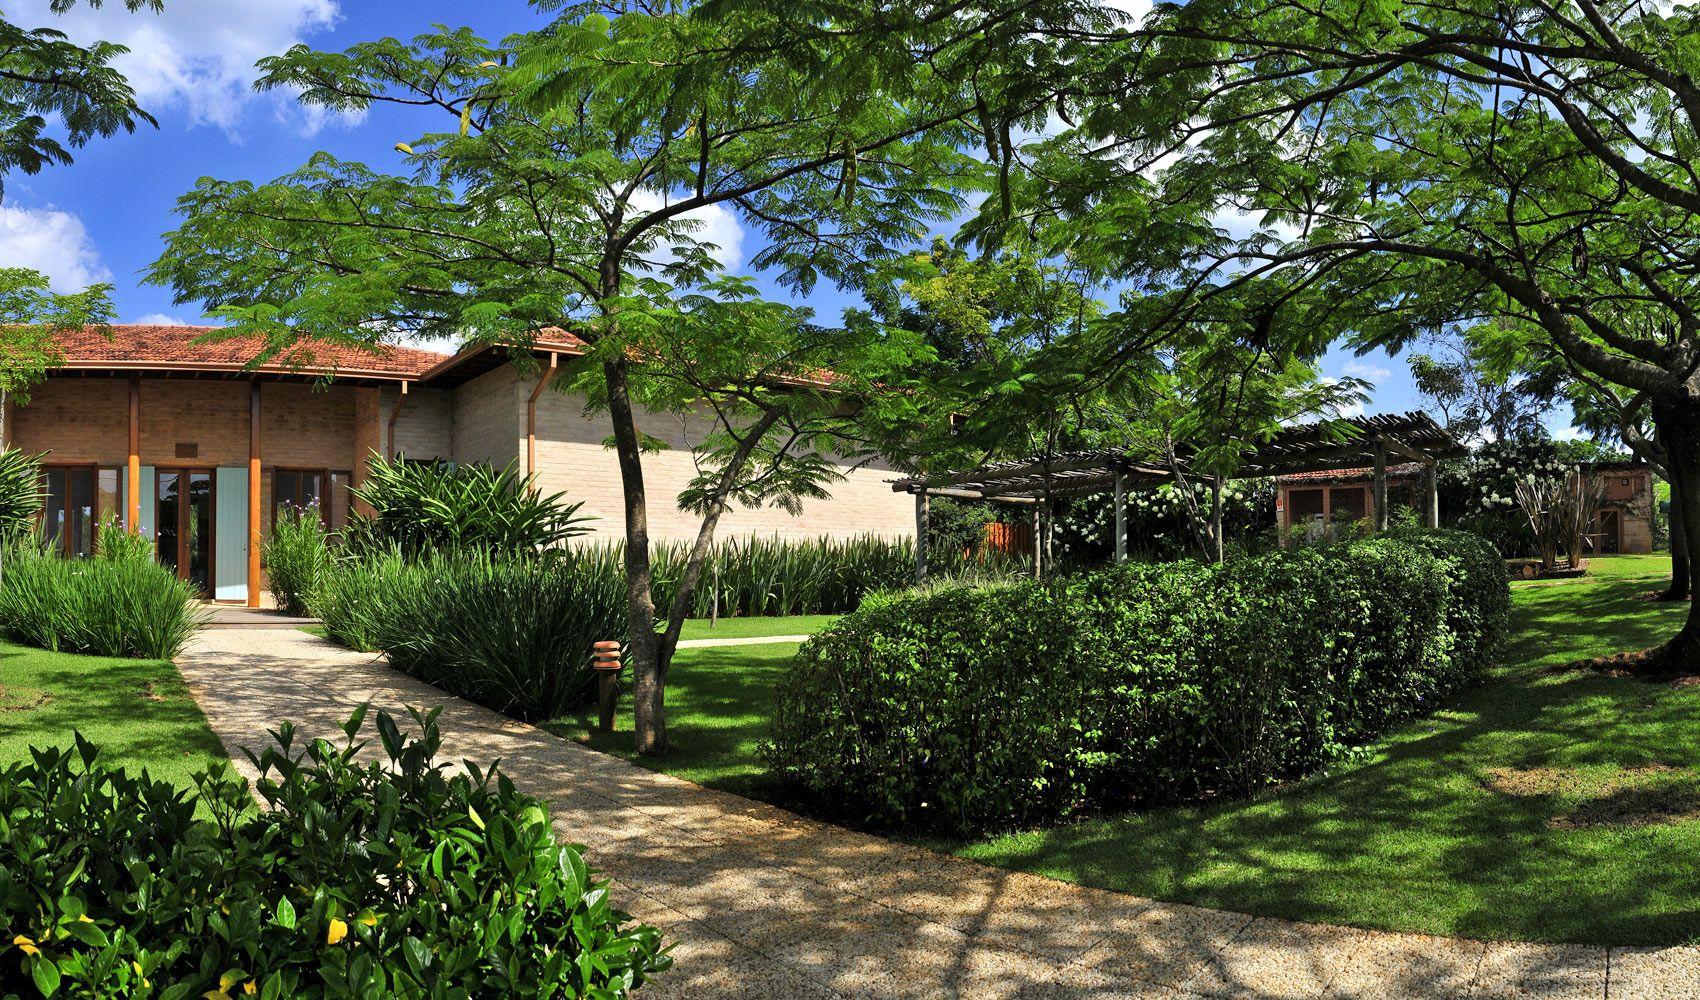 Dise o de exteriores jardines modernos y tropicales - Casas y jardines ...